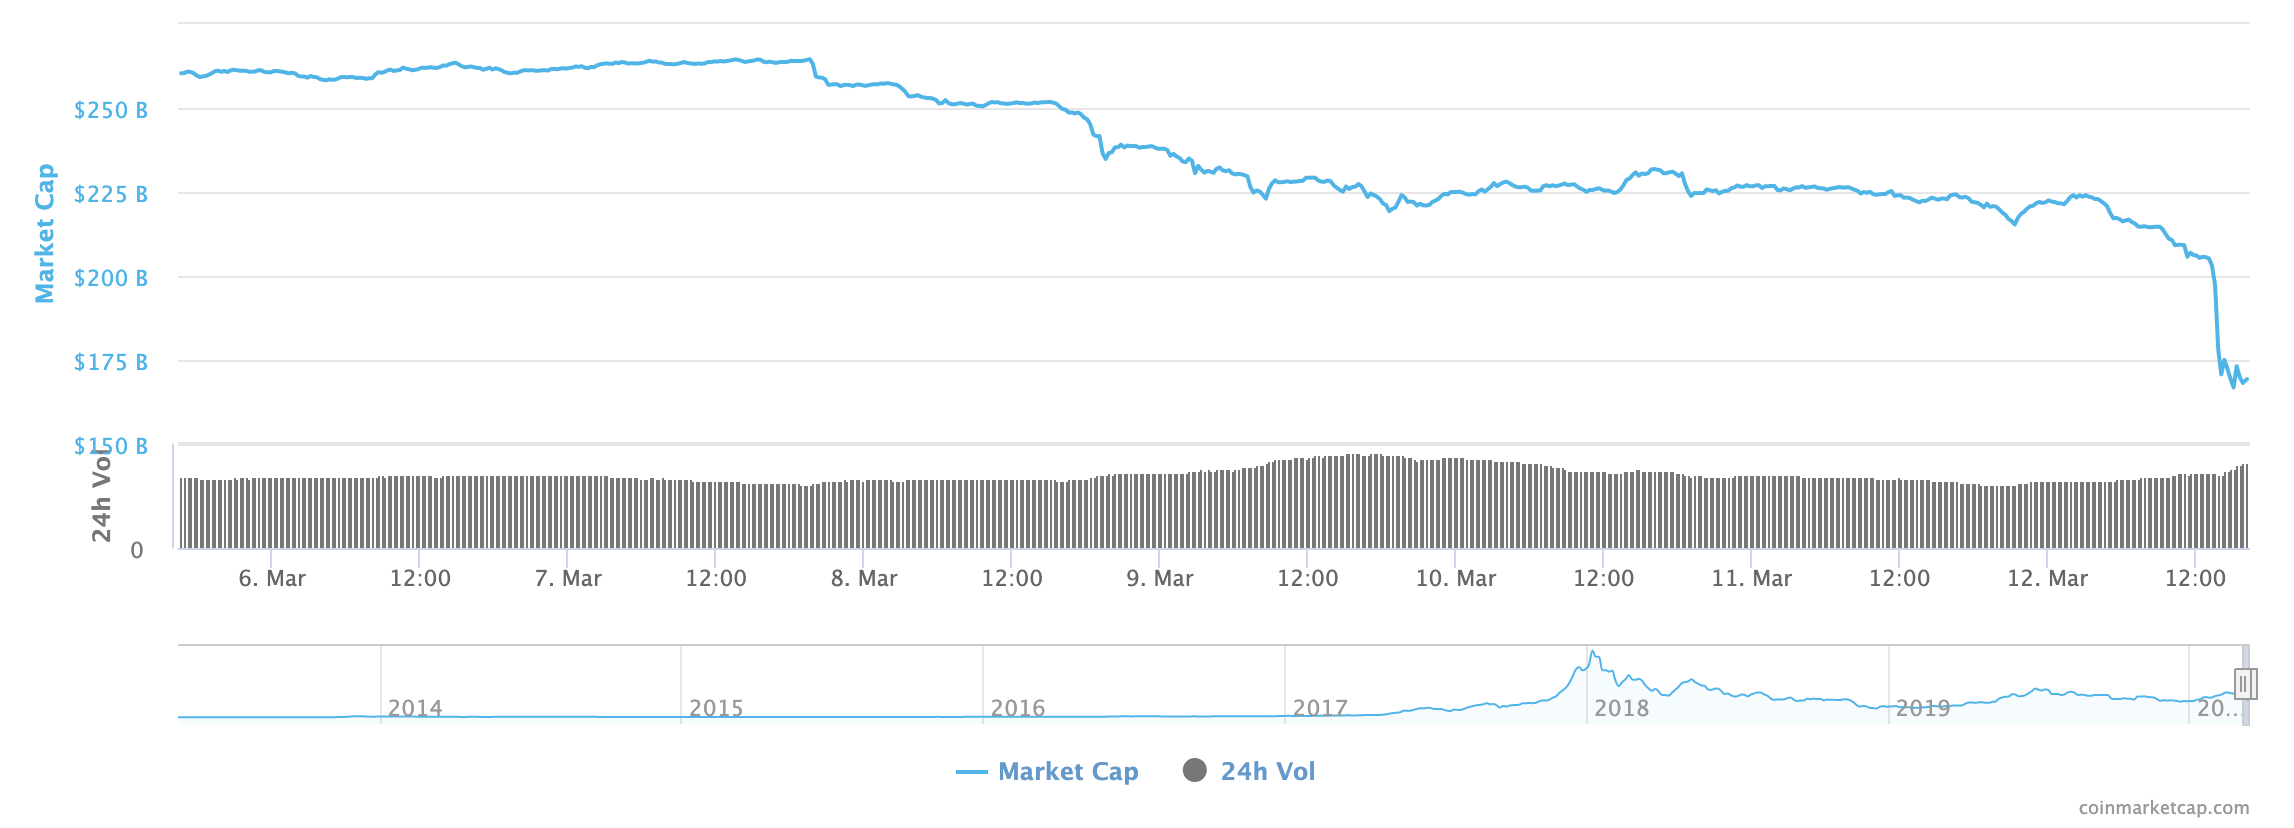 Toplam Piyasa Değeri